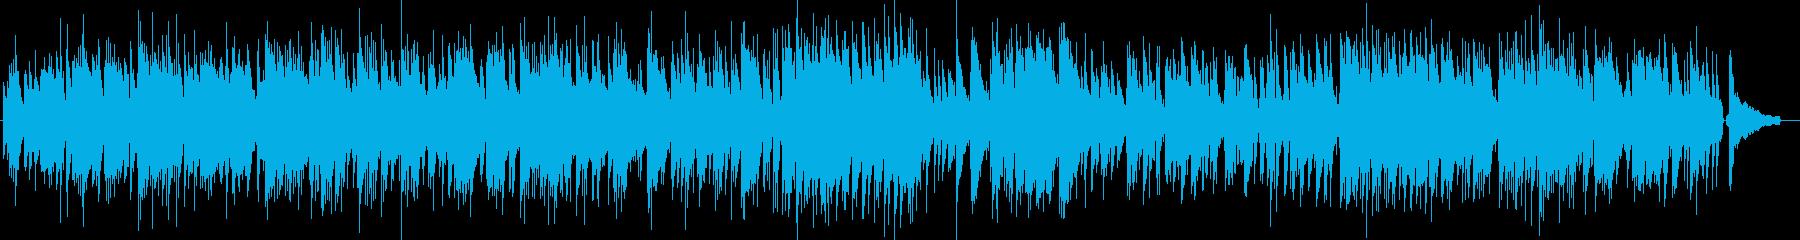 ほのぼのしたピアノトリオのポップスの再生済みの波形